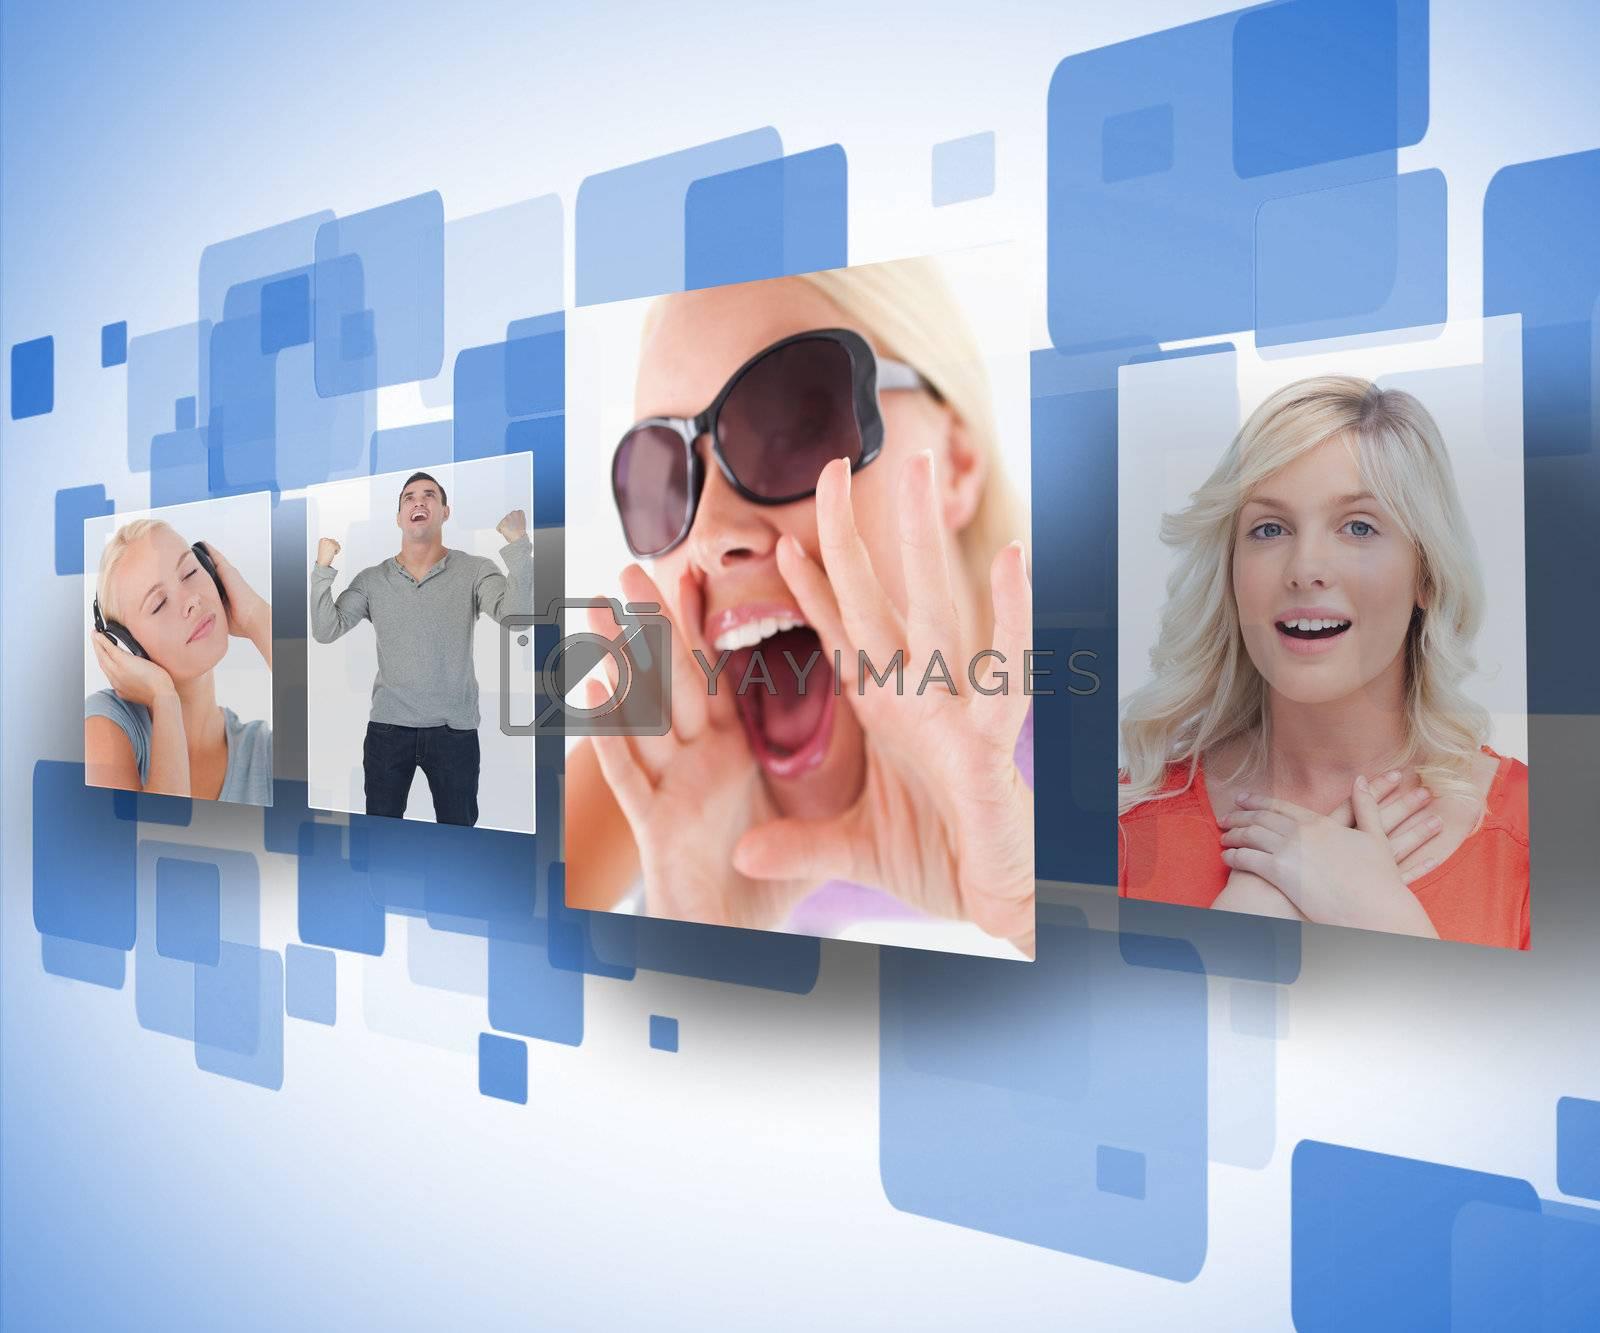 Four photos on blue digital wall